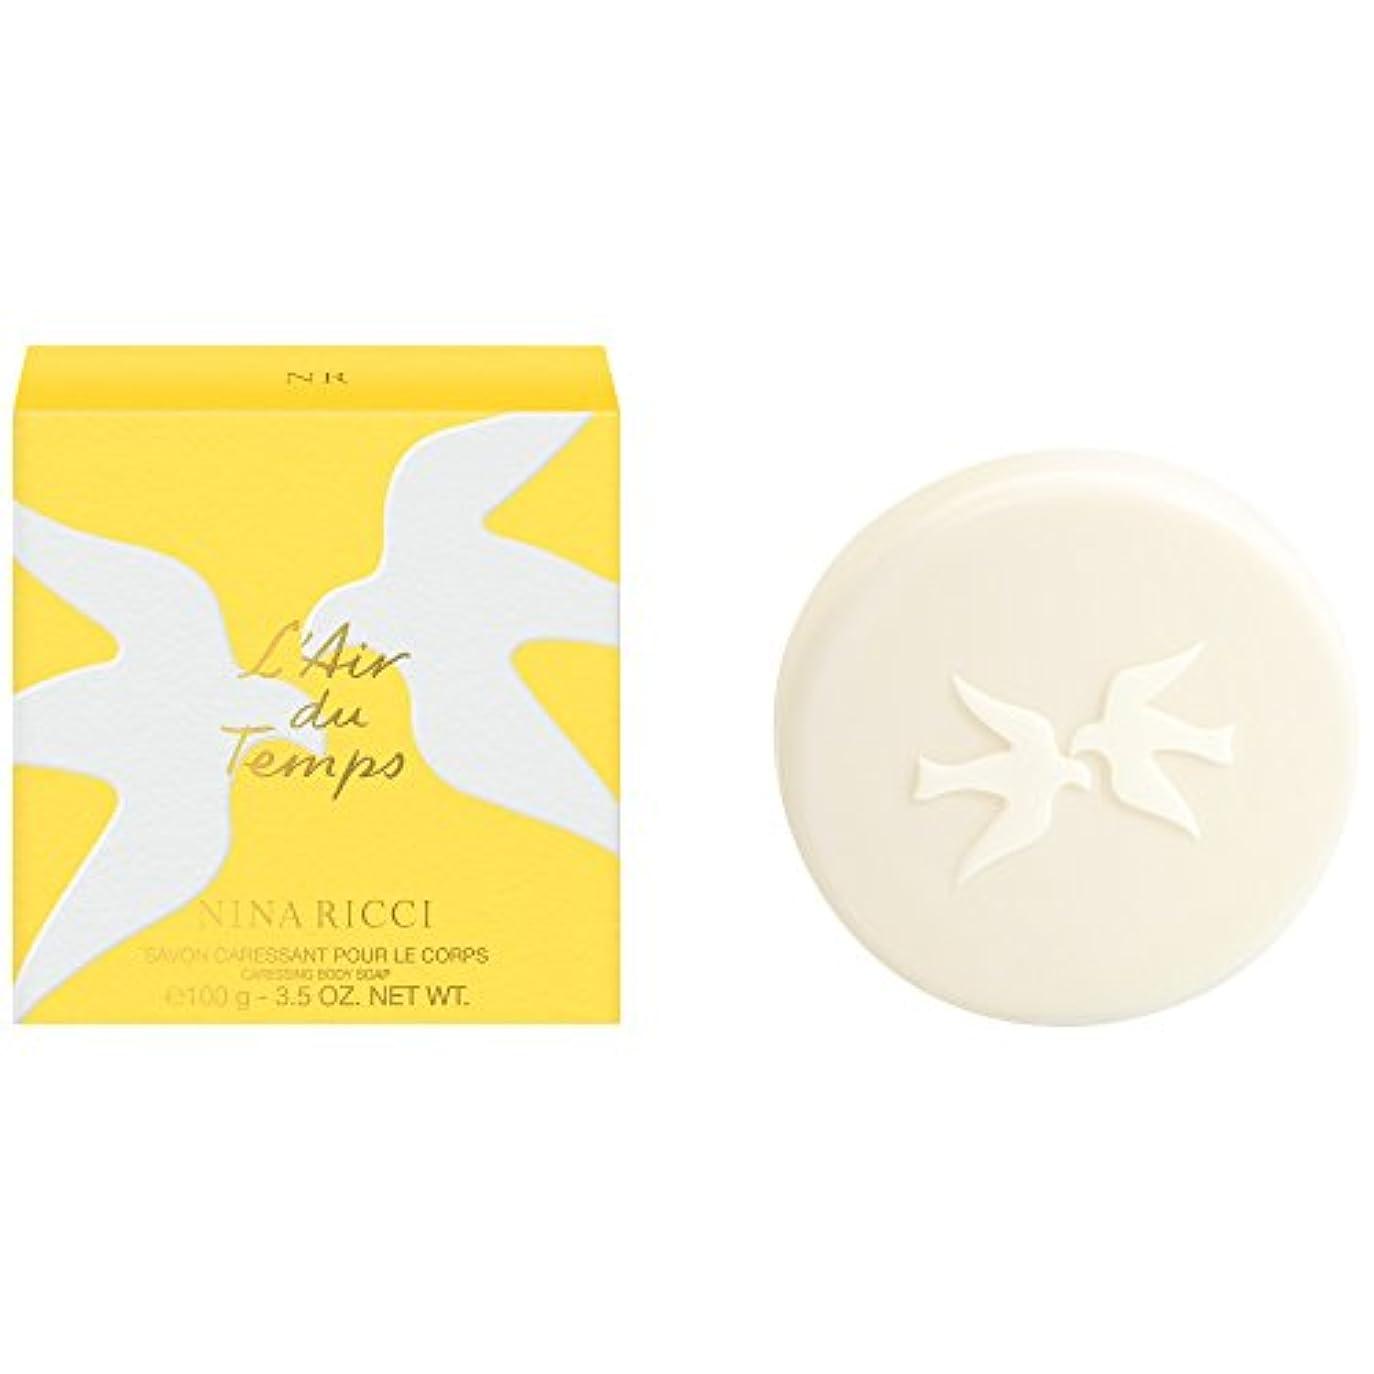 晴れ本能絡まるニナリッチL'空気デュは石鹸の100グラムをタン (Nina Ricci) - Nina Ricci L'Air du Temps Soap 100g [並行輸入品]